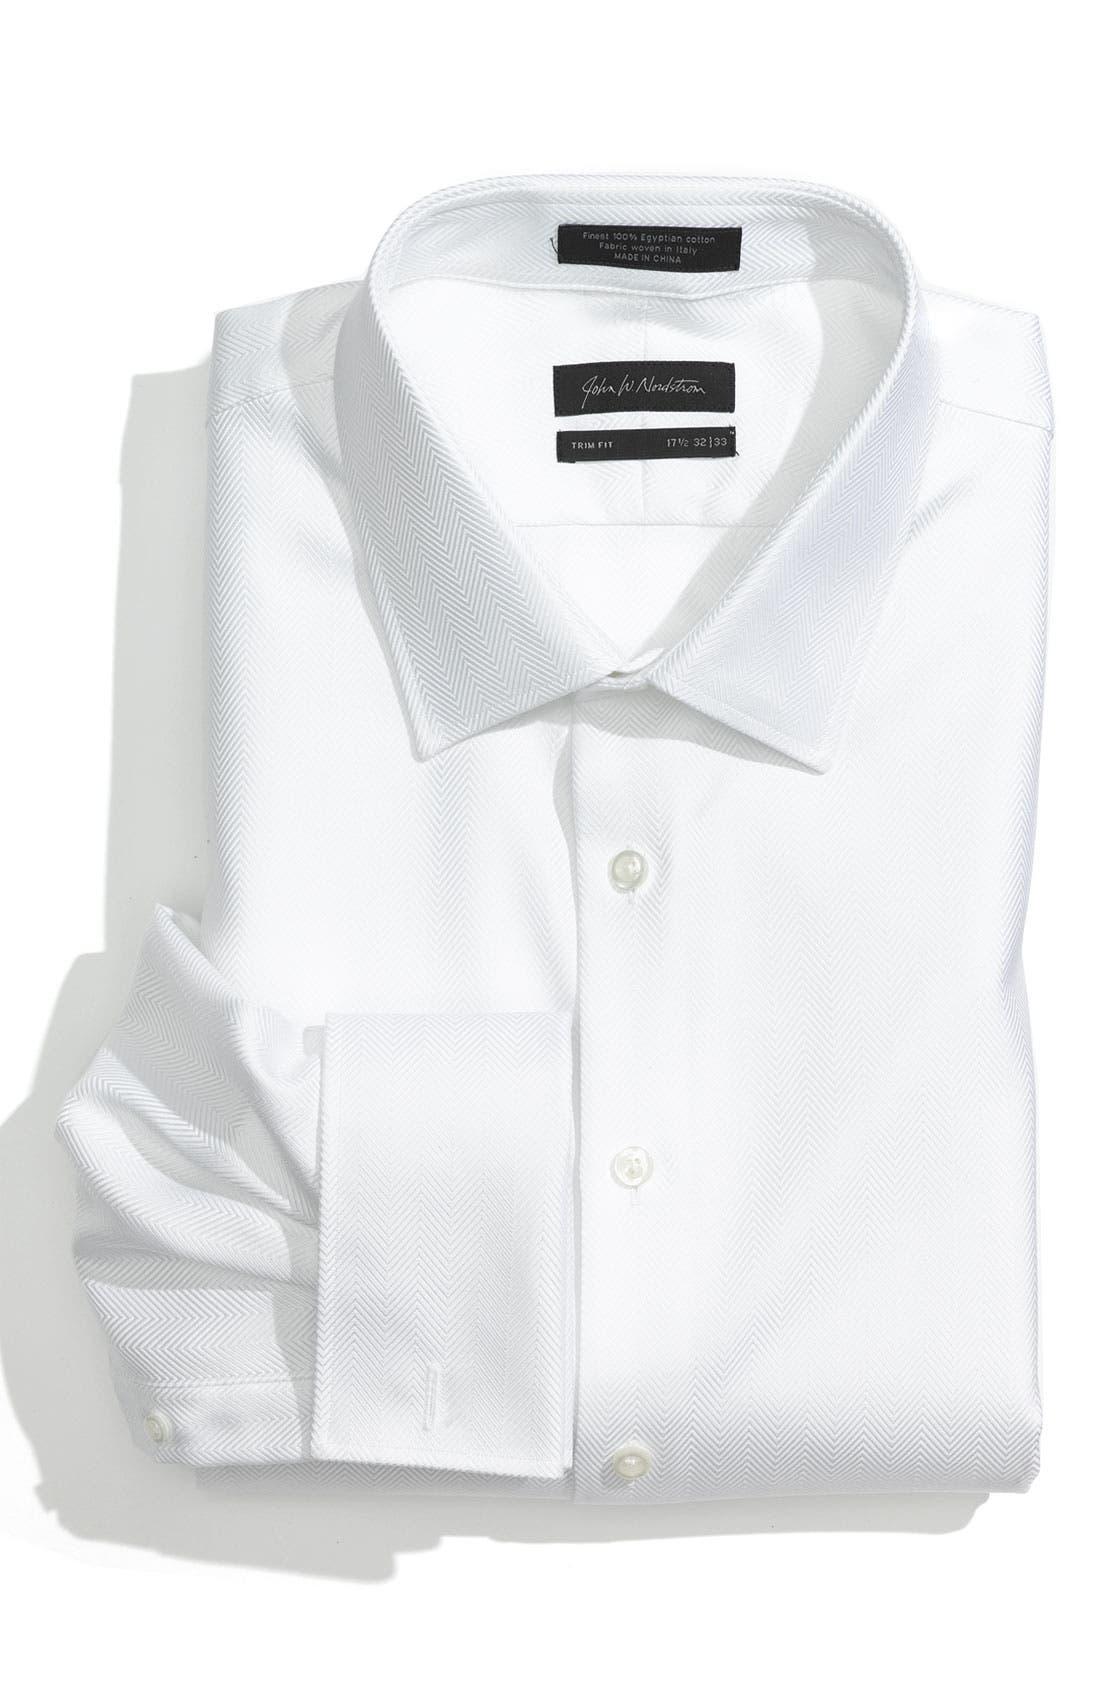 JOHN W. NORDSTROM<SUP>®</SUP> Trim Fit Herringbone Tuxedo Shirt, Main, color, 100